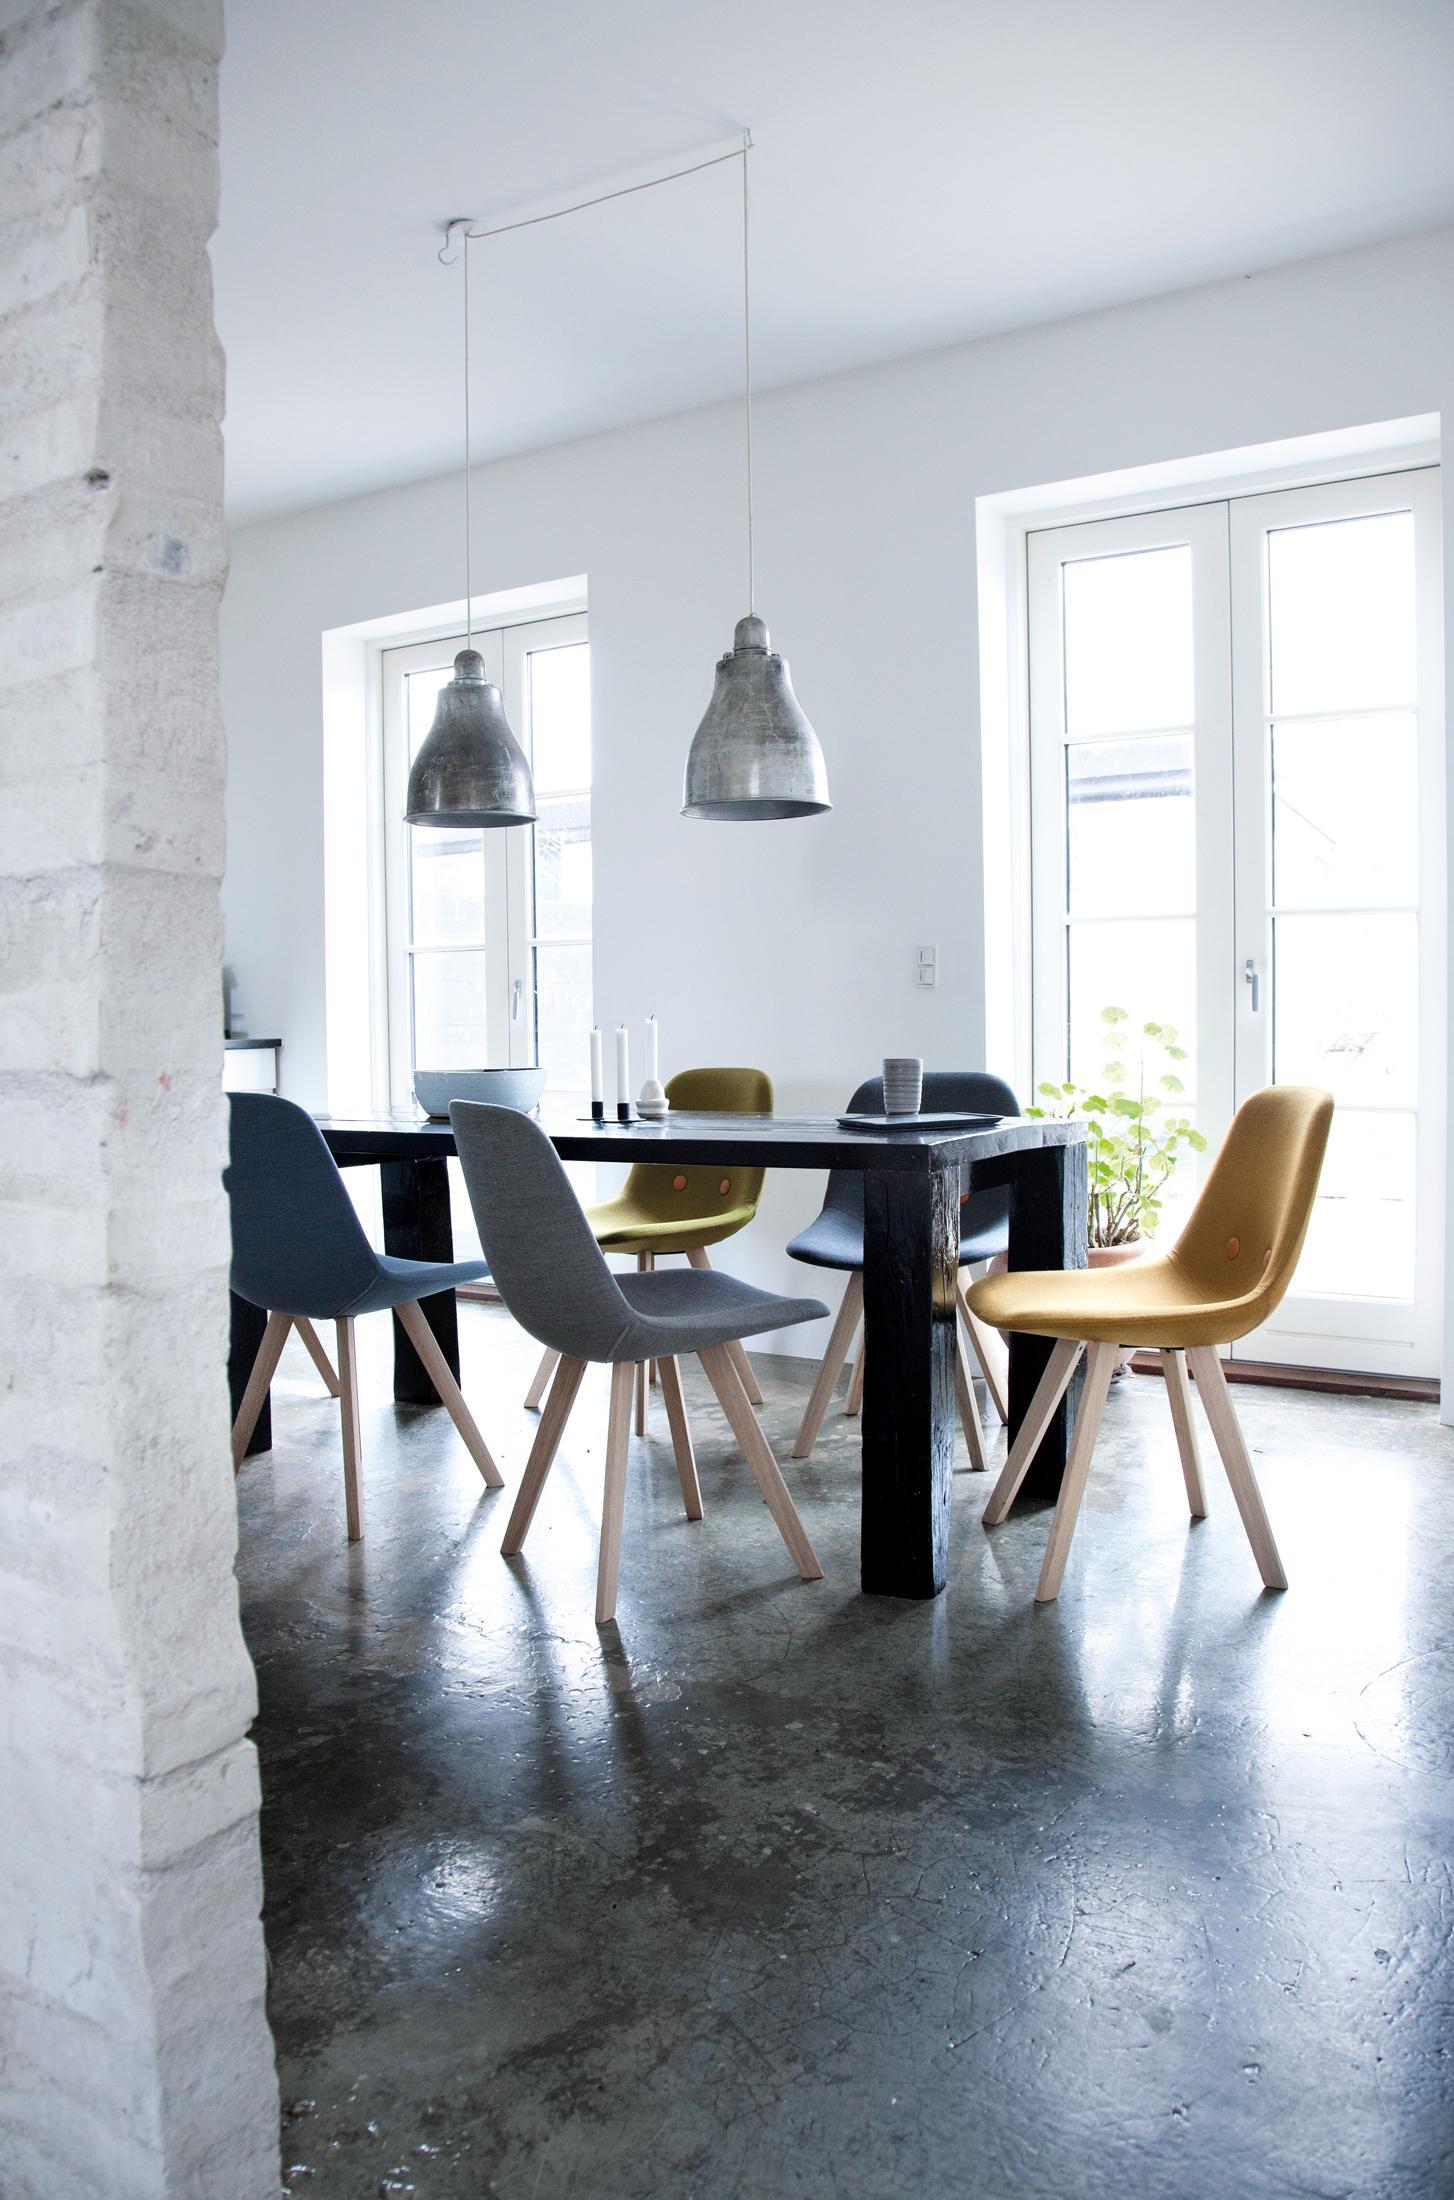 Gepolsterte Stühle Für Das Esszimmer #esstisch ©Erik Joergensen